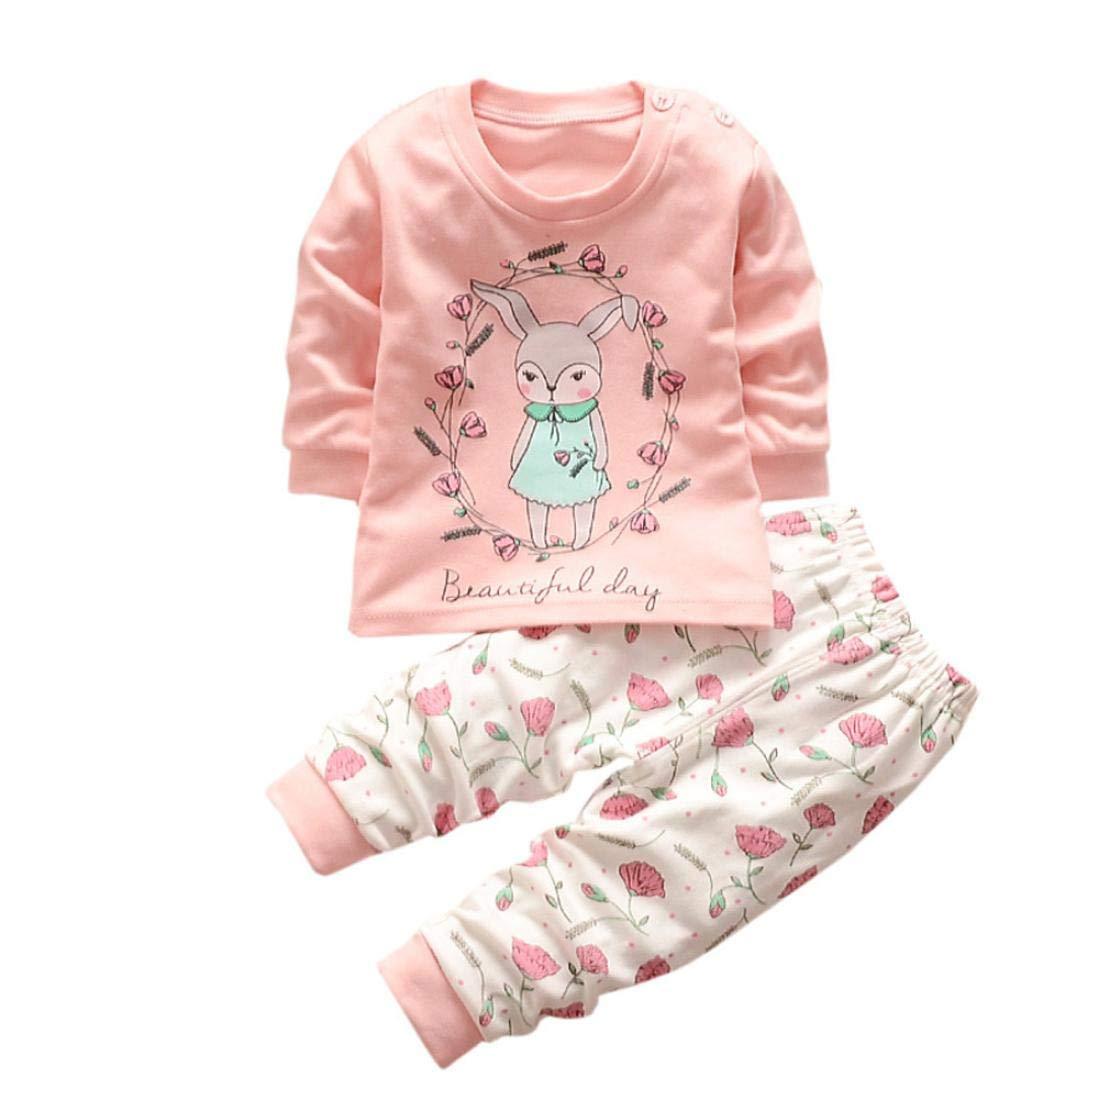 CIELLTE Bébé Ensemble de Vêtements Filles Garçons Combinaisons Manches Longues Barboteuse Jumpsuit Automne Hiver Cartoon Petite Fille Mignon Chemise Pantalons